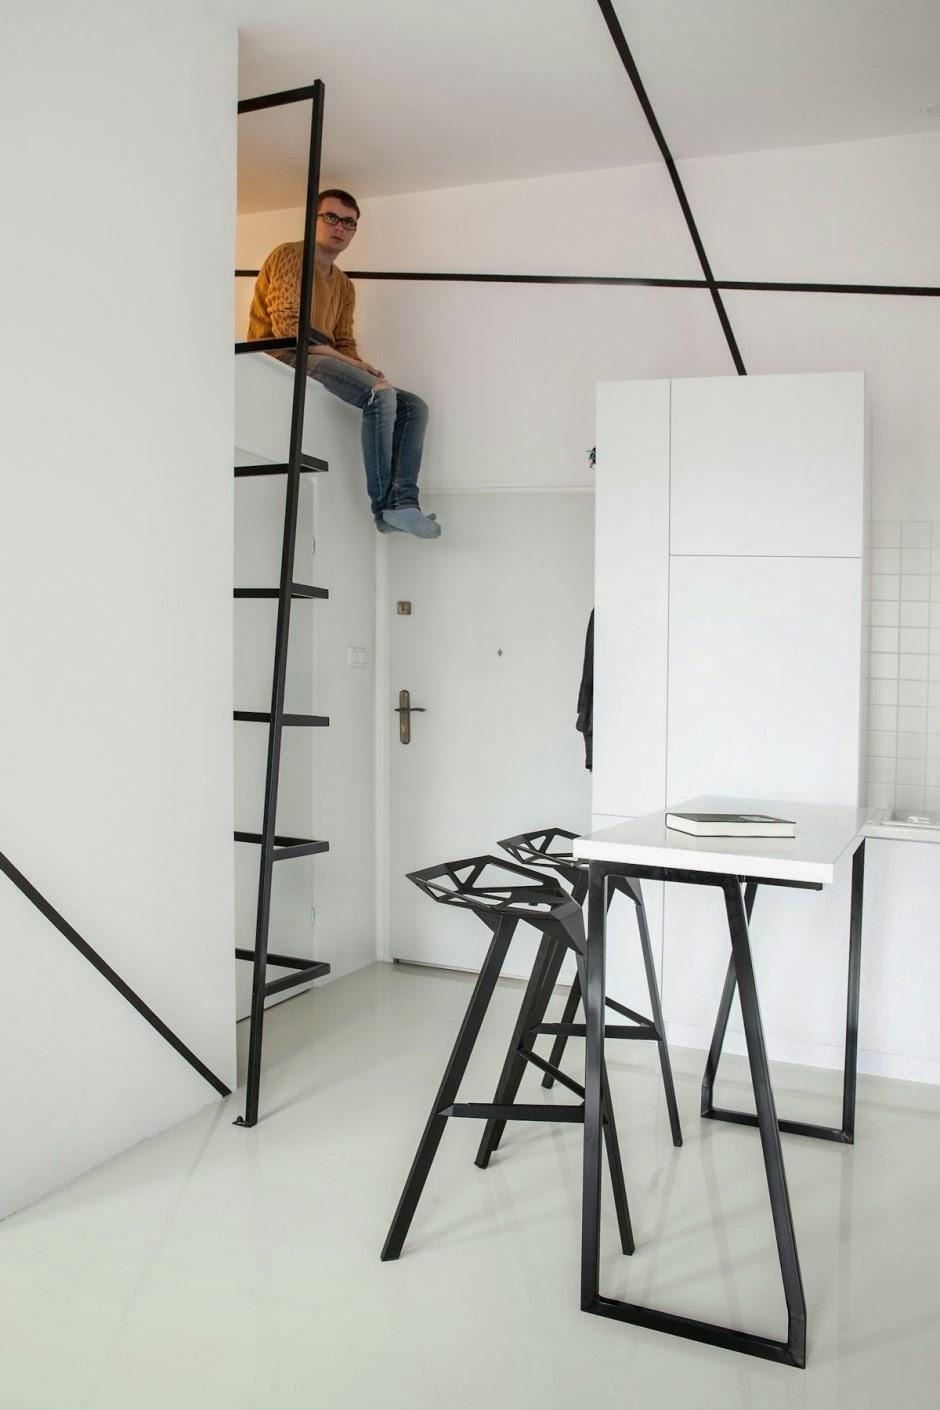 Desain Interior Apartemen Kecil Minimalis dengan Ruang Penyimpanan ...